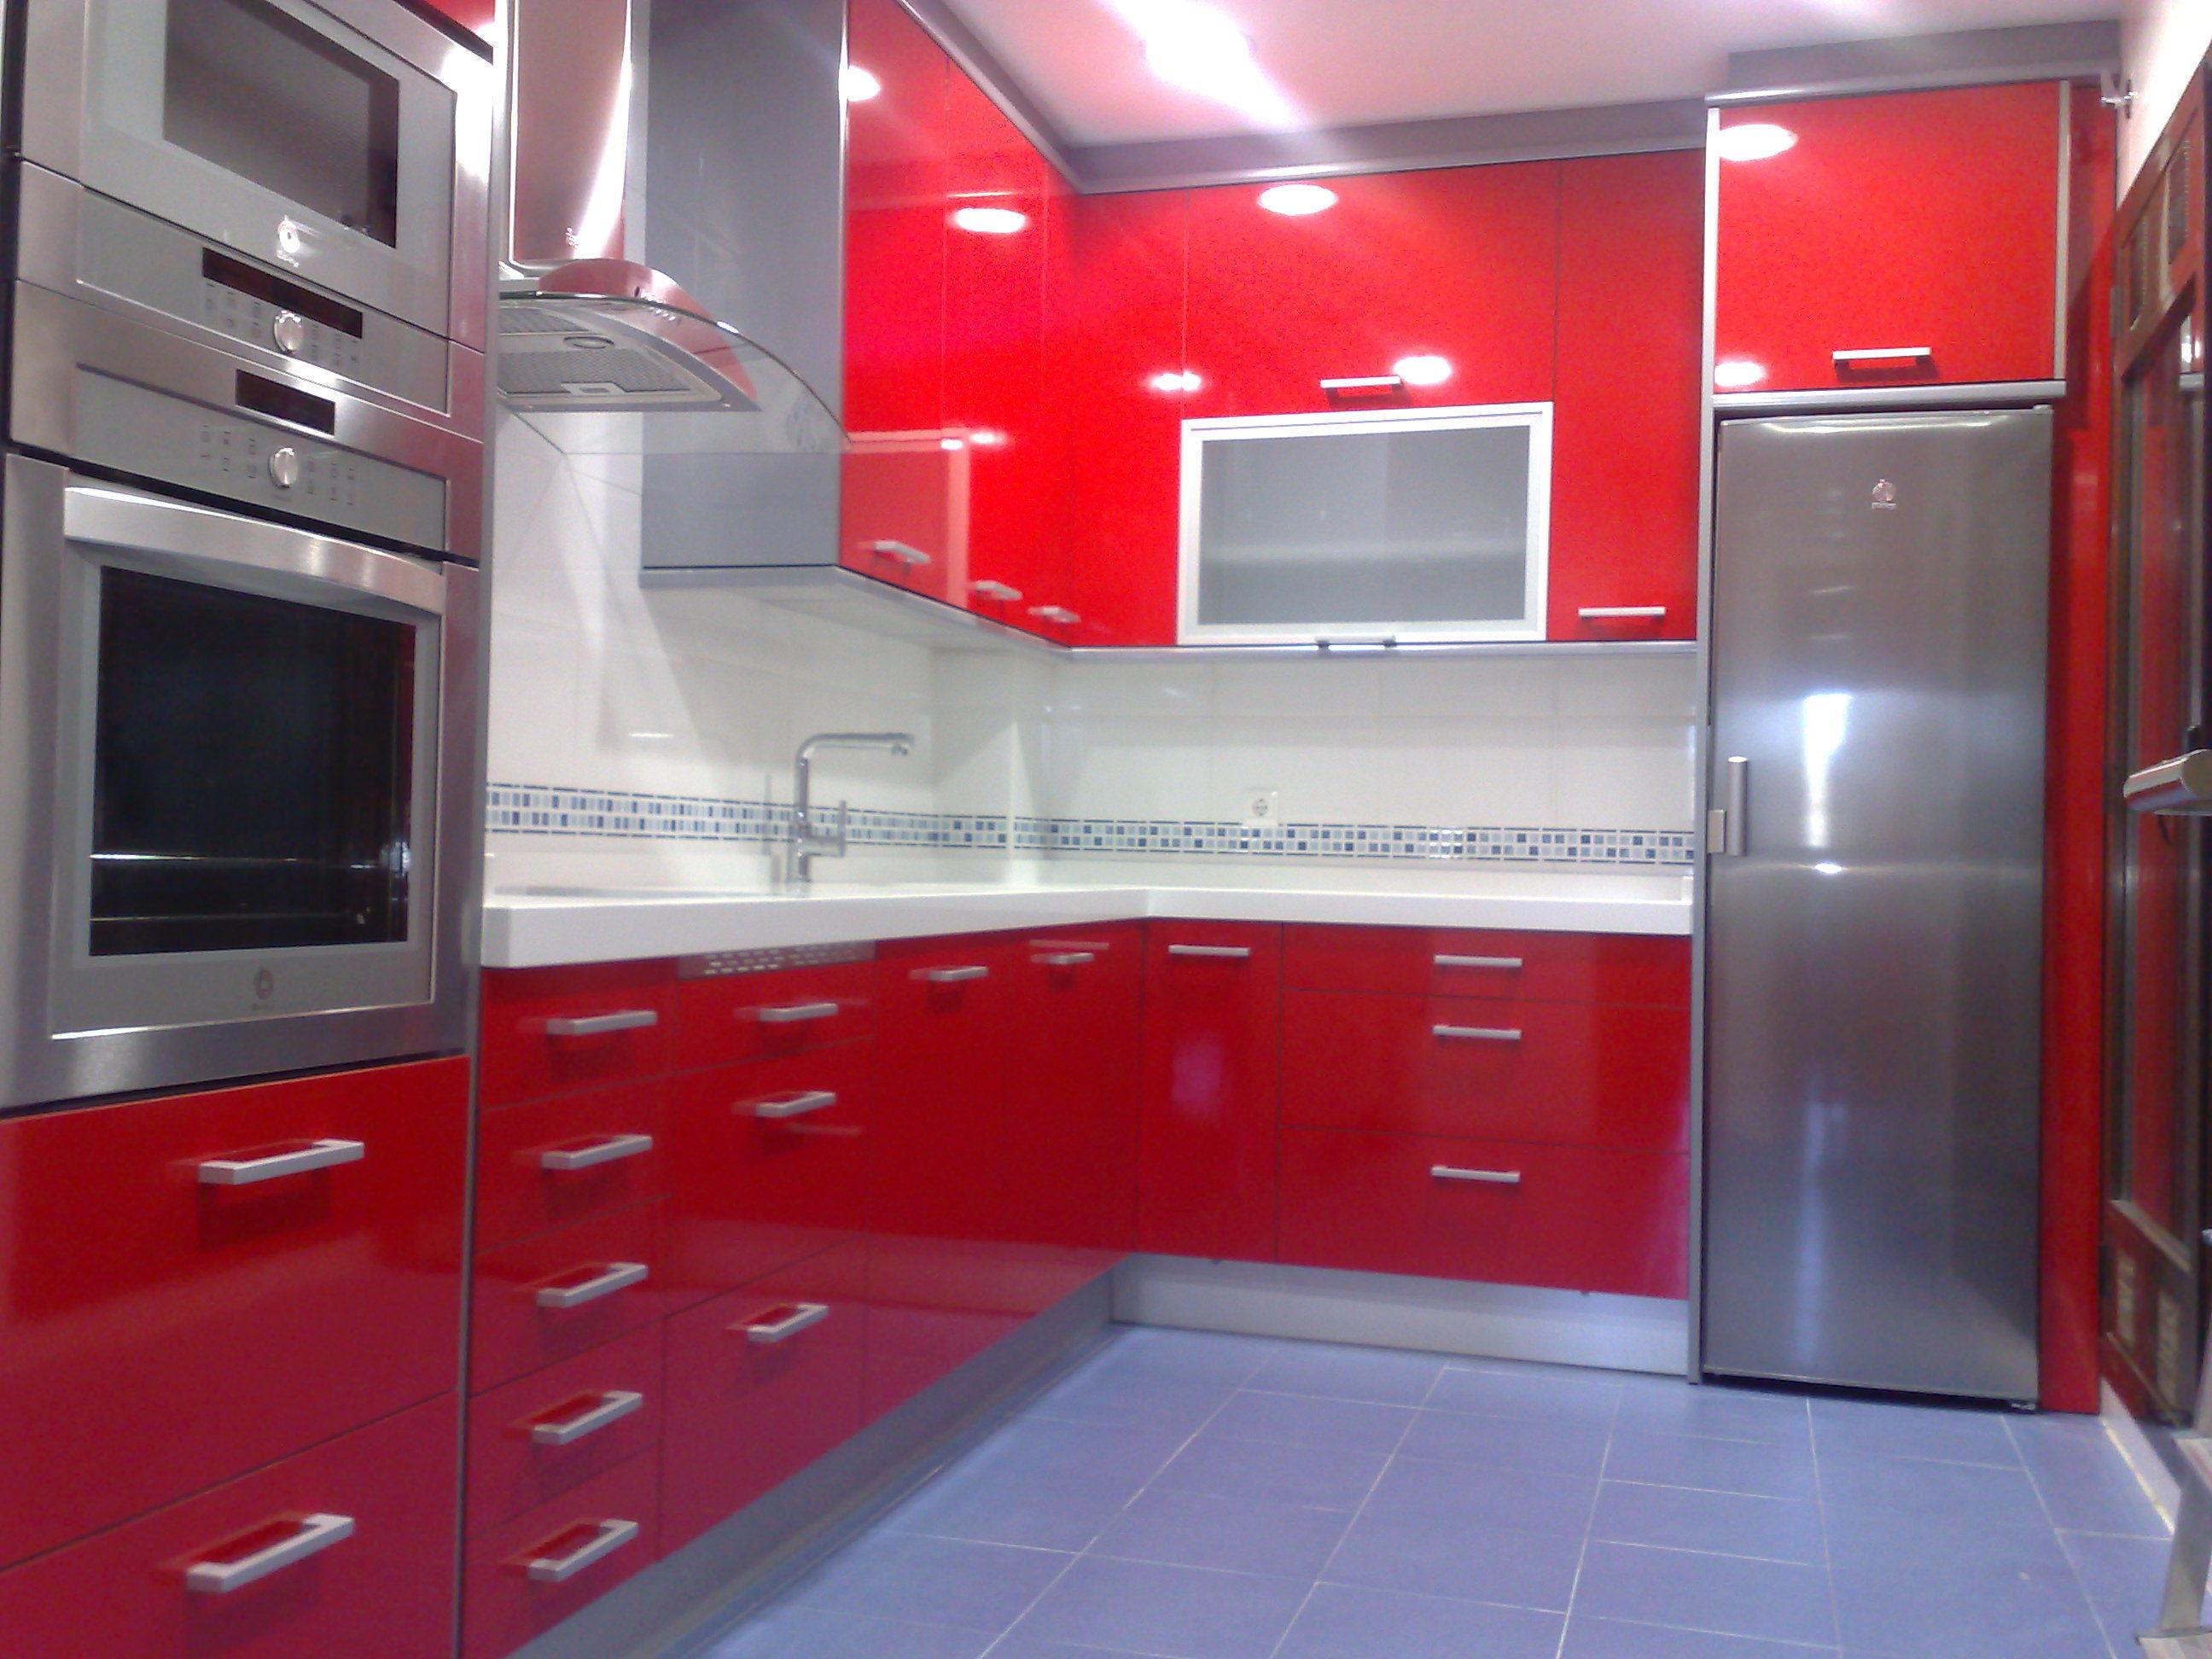 Liquidacion muebles de cocina electrodomesticos 1900 for Cocinas completas con electrodomesticos